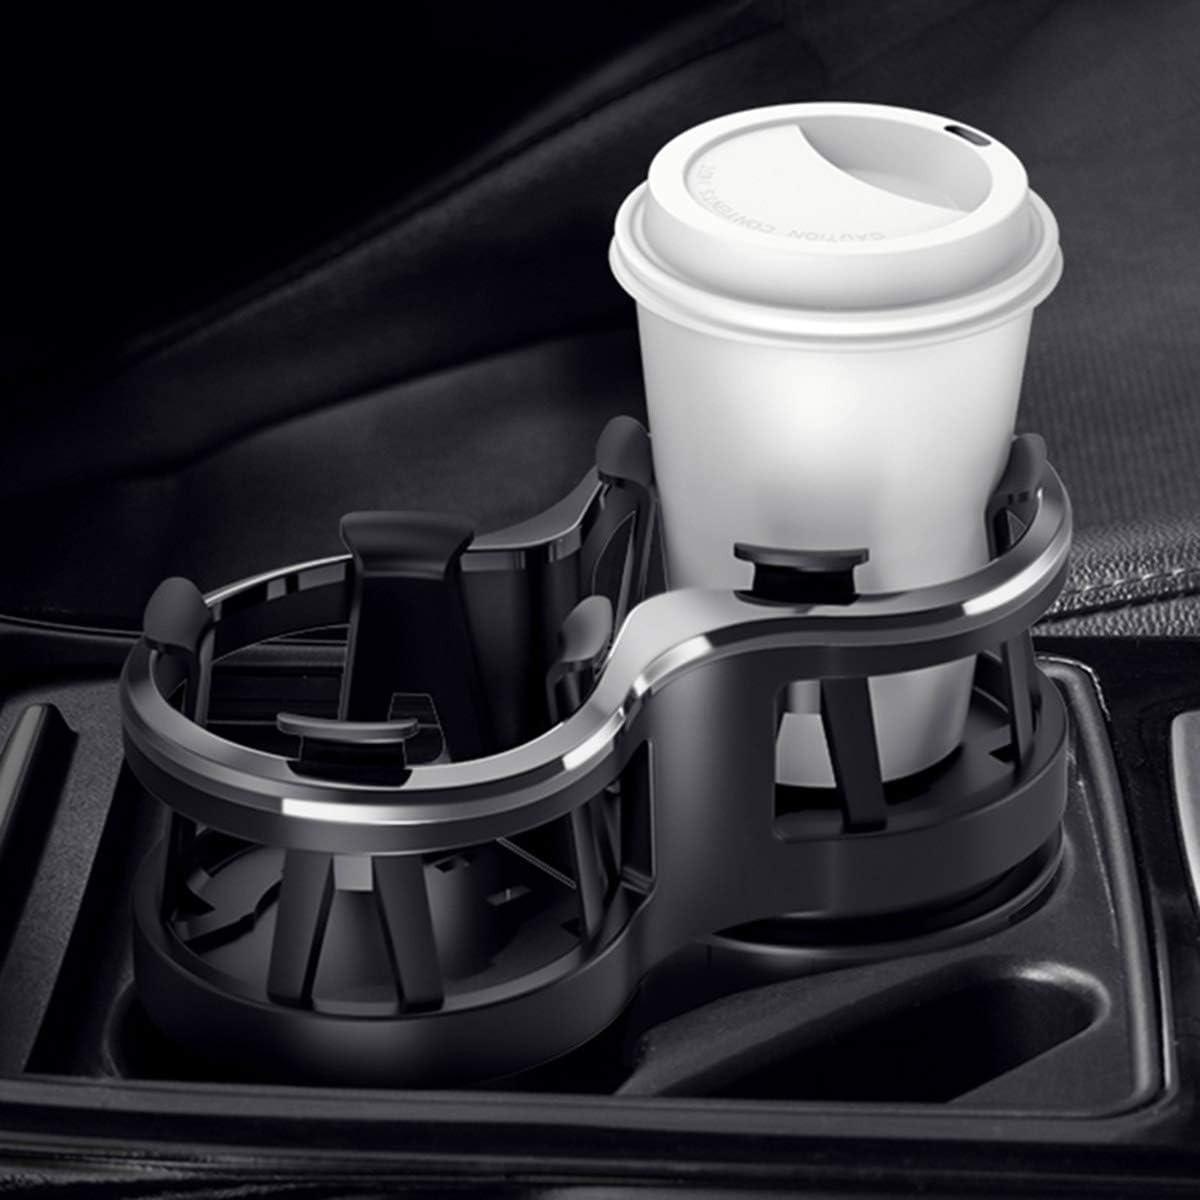 Car Drink Holder Expander Adapter with Adjustable Base,Unique Adjustable Movable Bracket Design SANON Multifunctional Universal Car Cup Holder